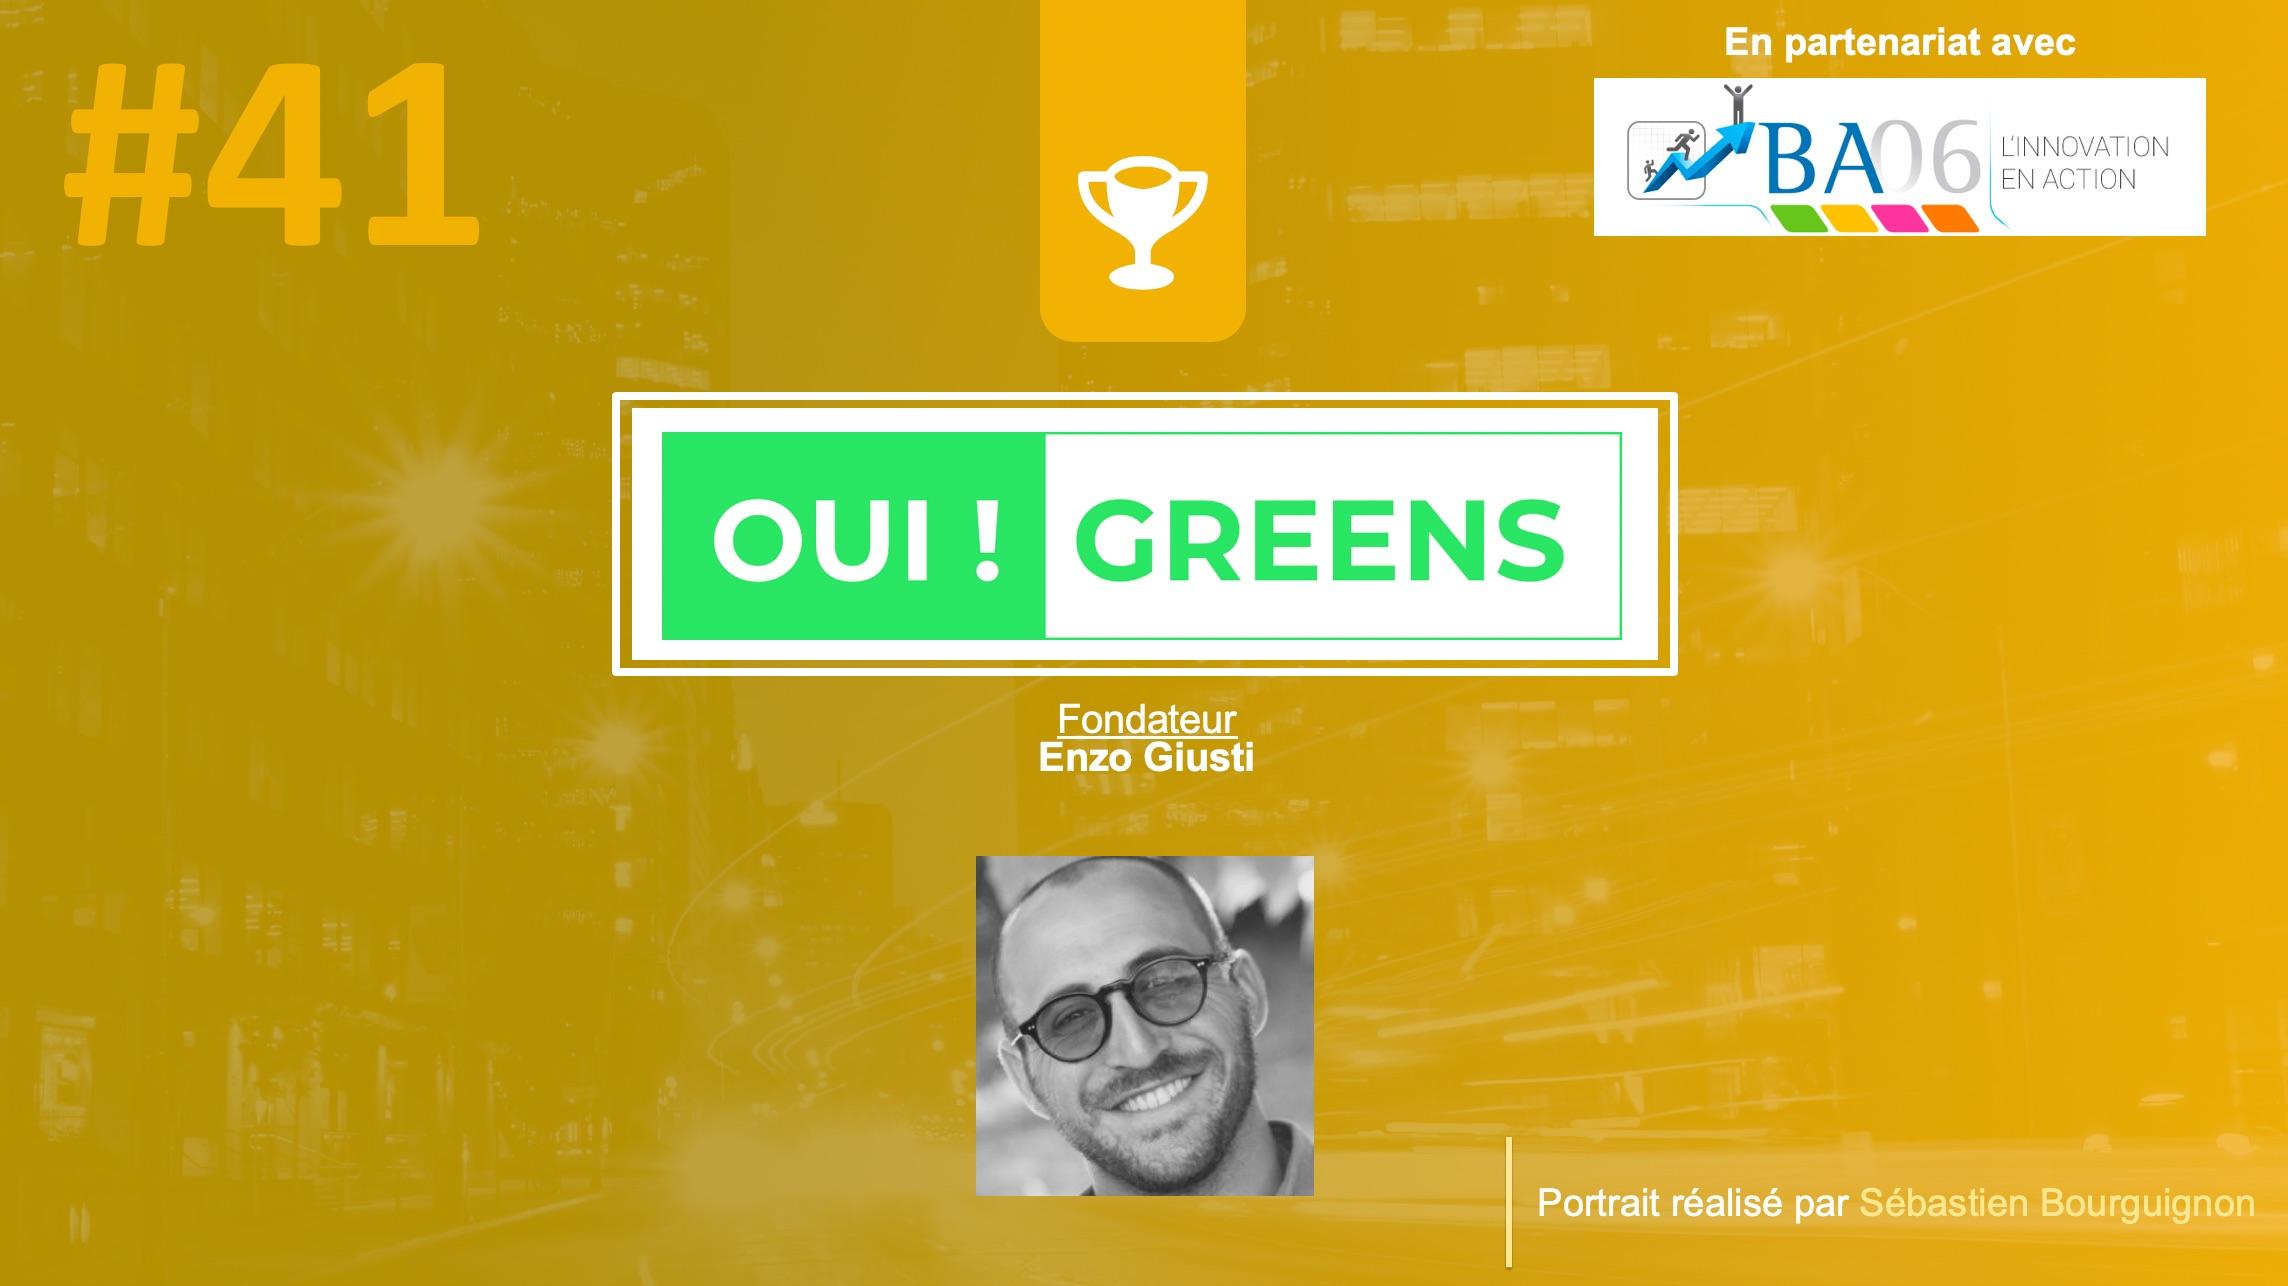 oui ! greens